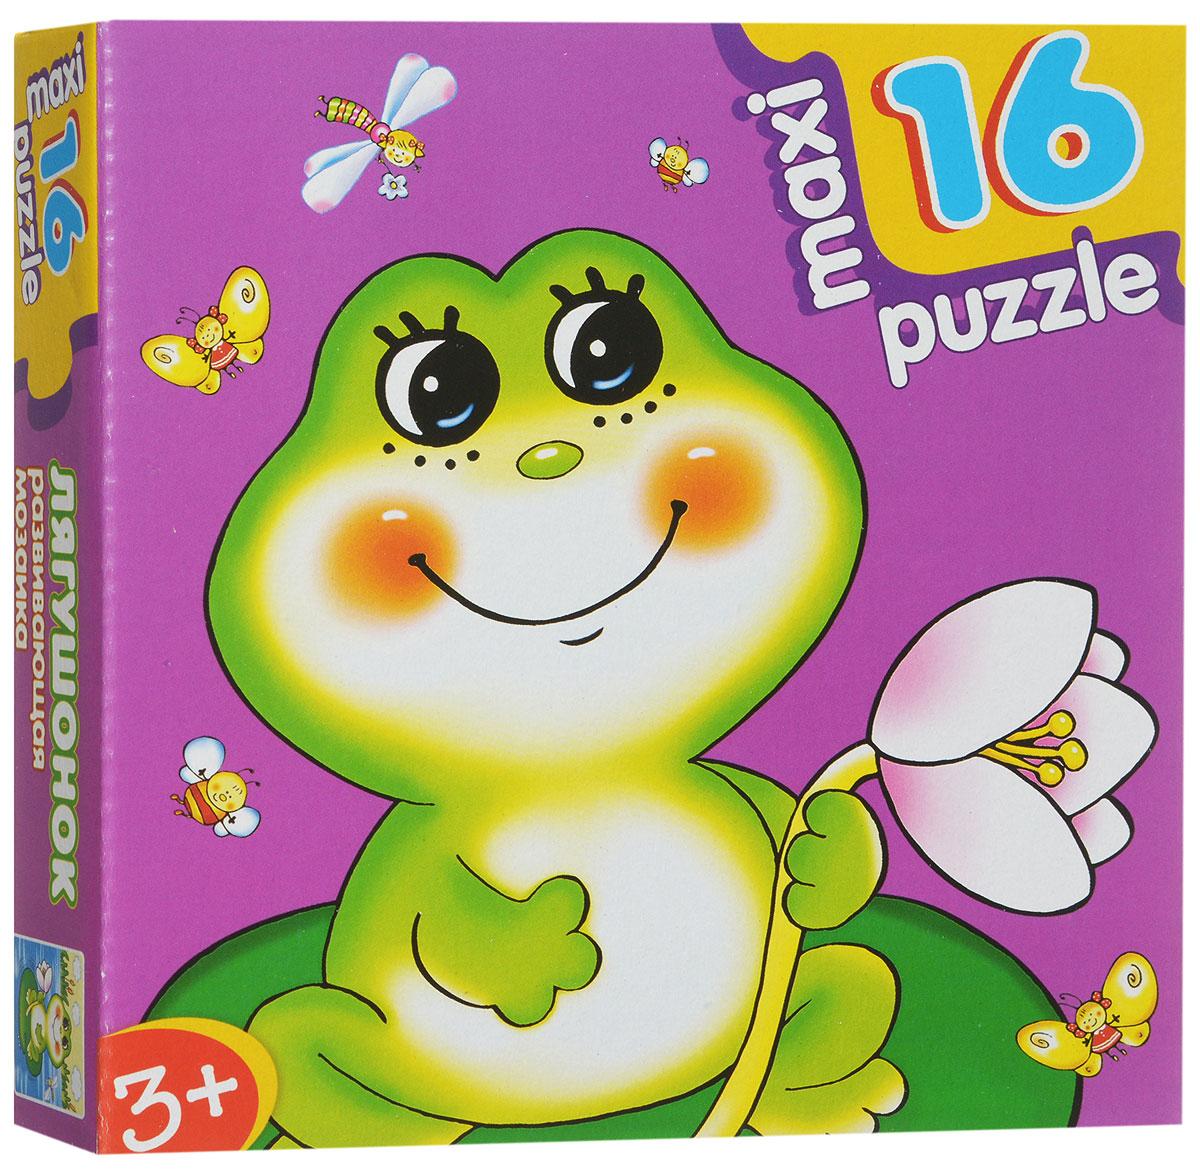 Дрофа-Медиа Пазл для малышей Лягушонок дрофа медиа пазл для малышей играй и собирай 4 в 1 2938